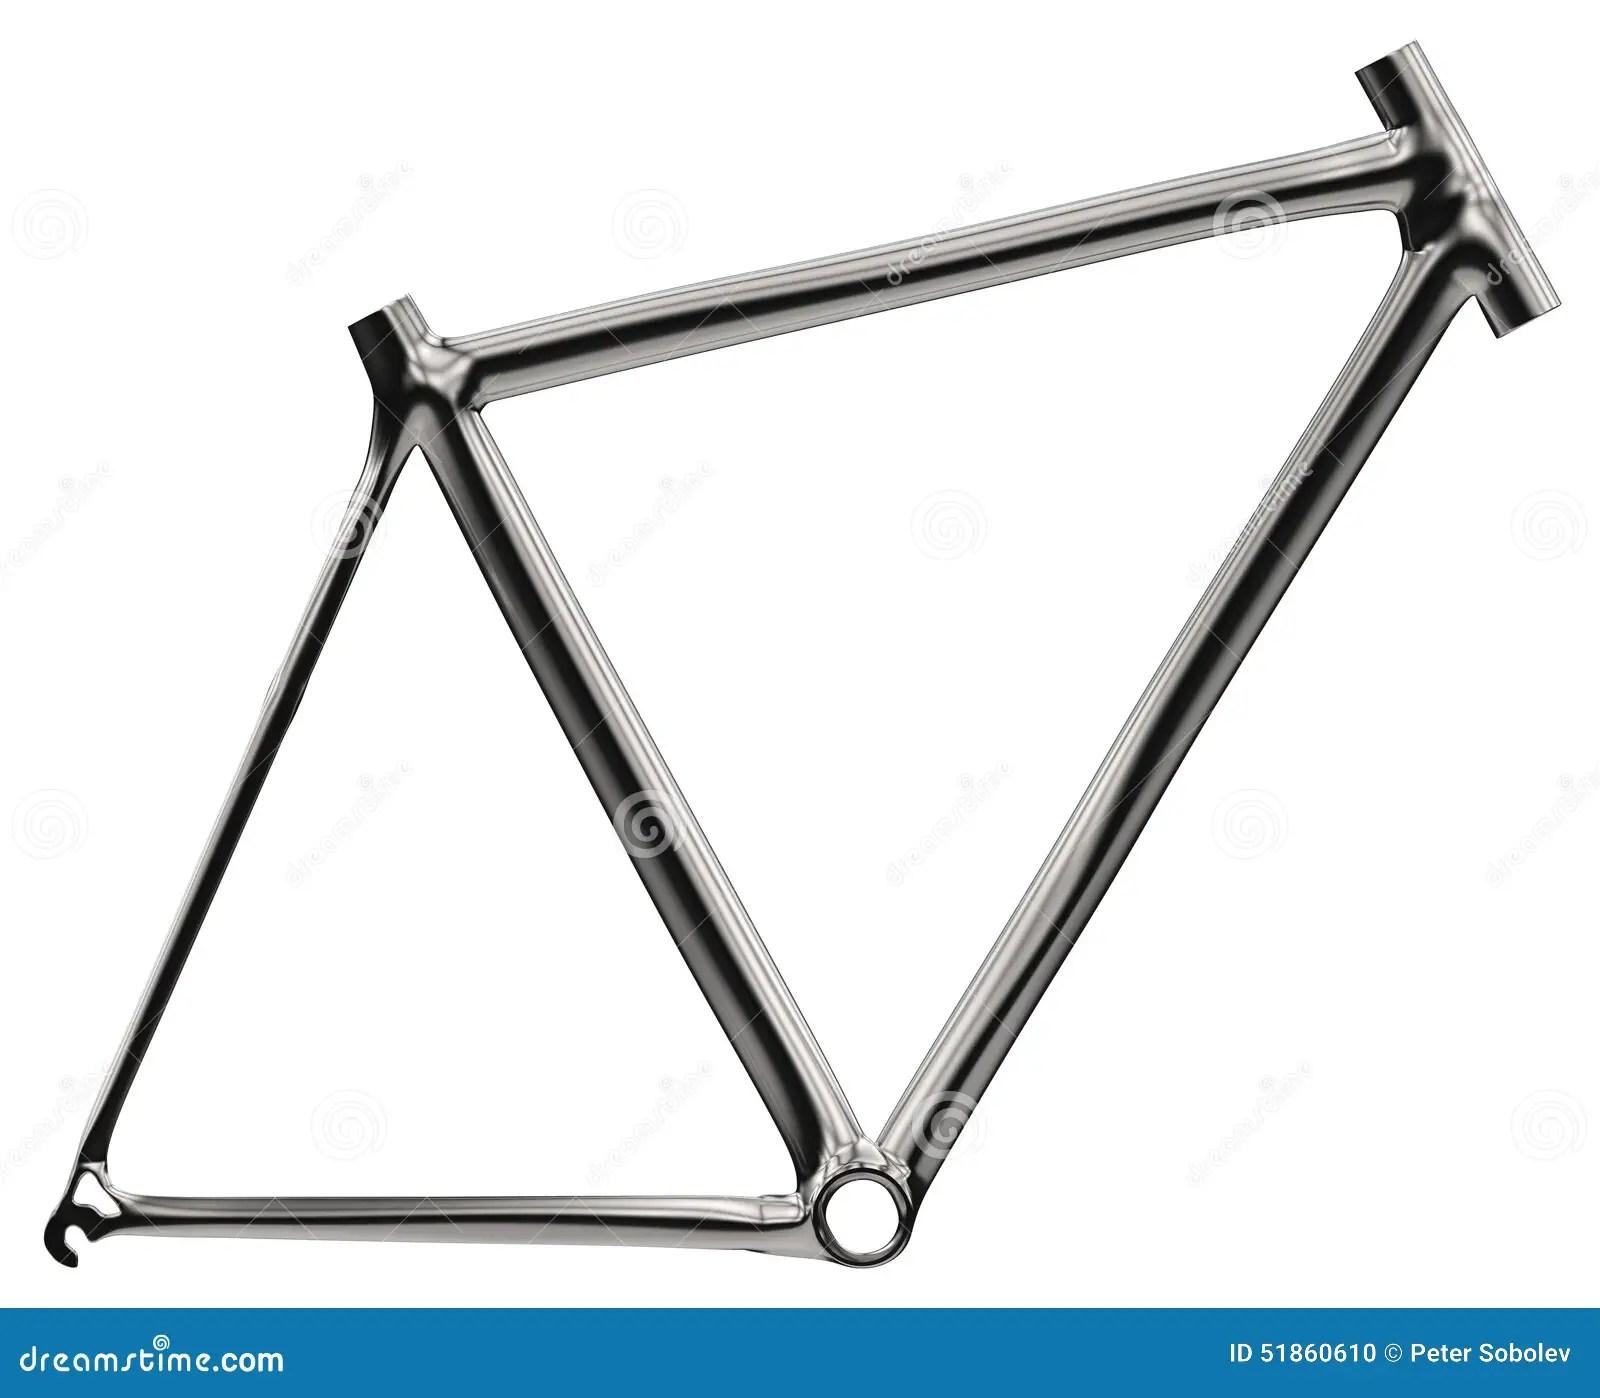 Bike Frame Stock Illustration Illustration Of Stainless